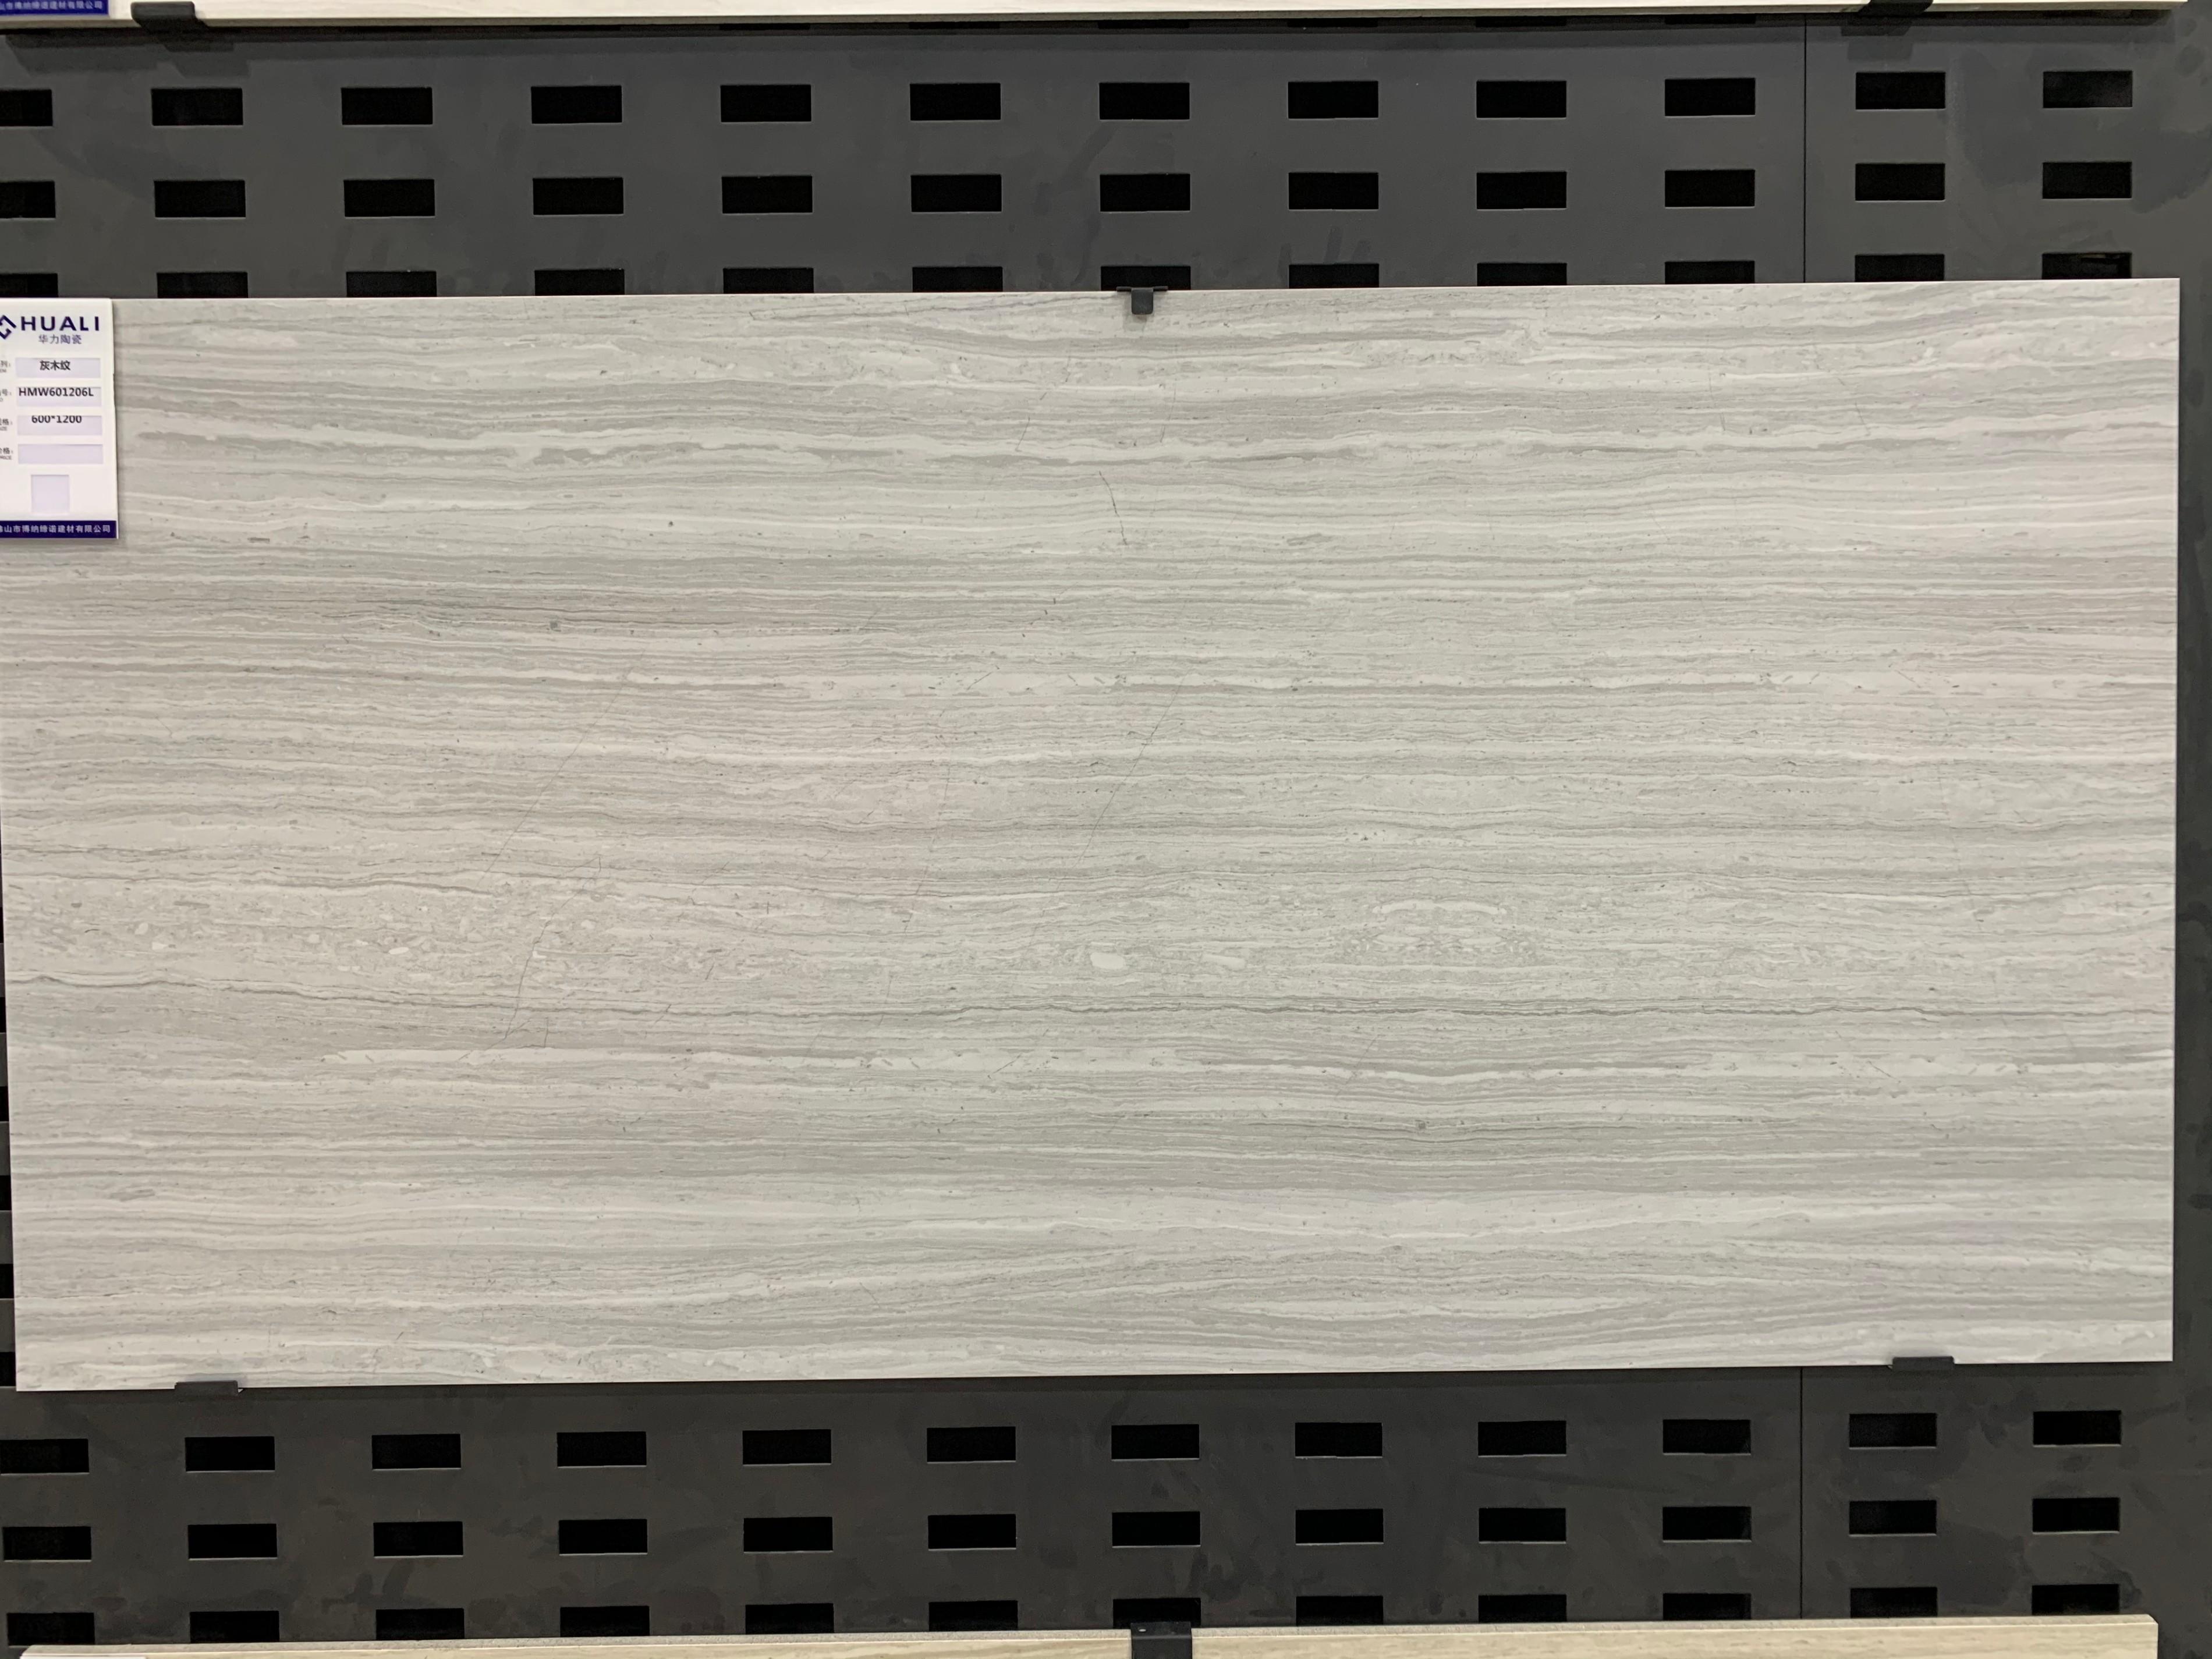 仿灰木纹石英砖